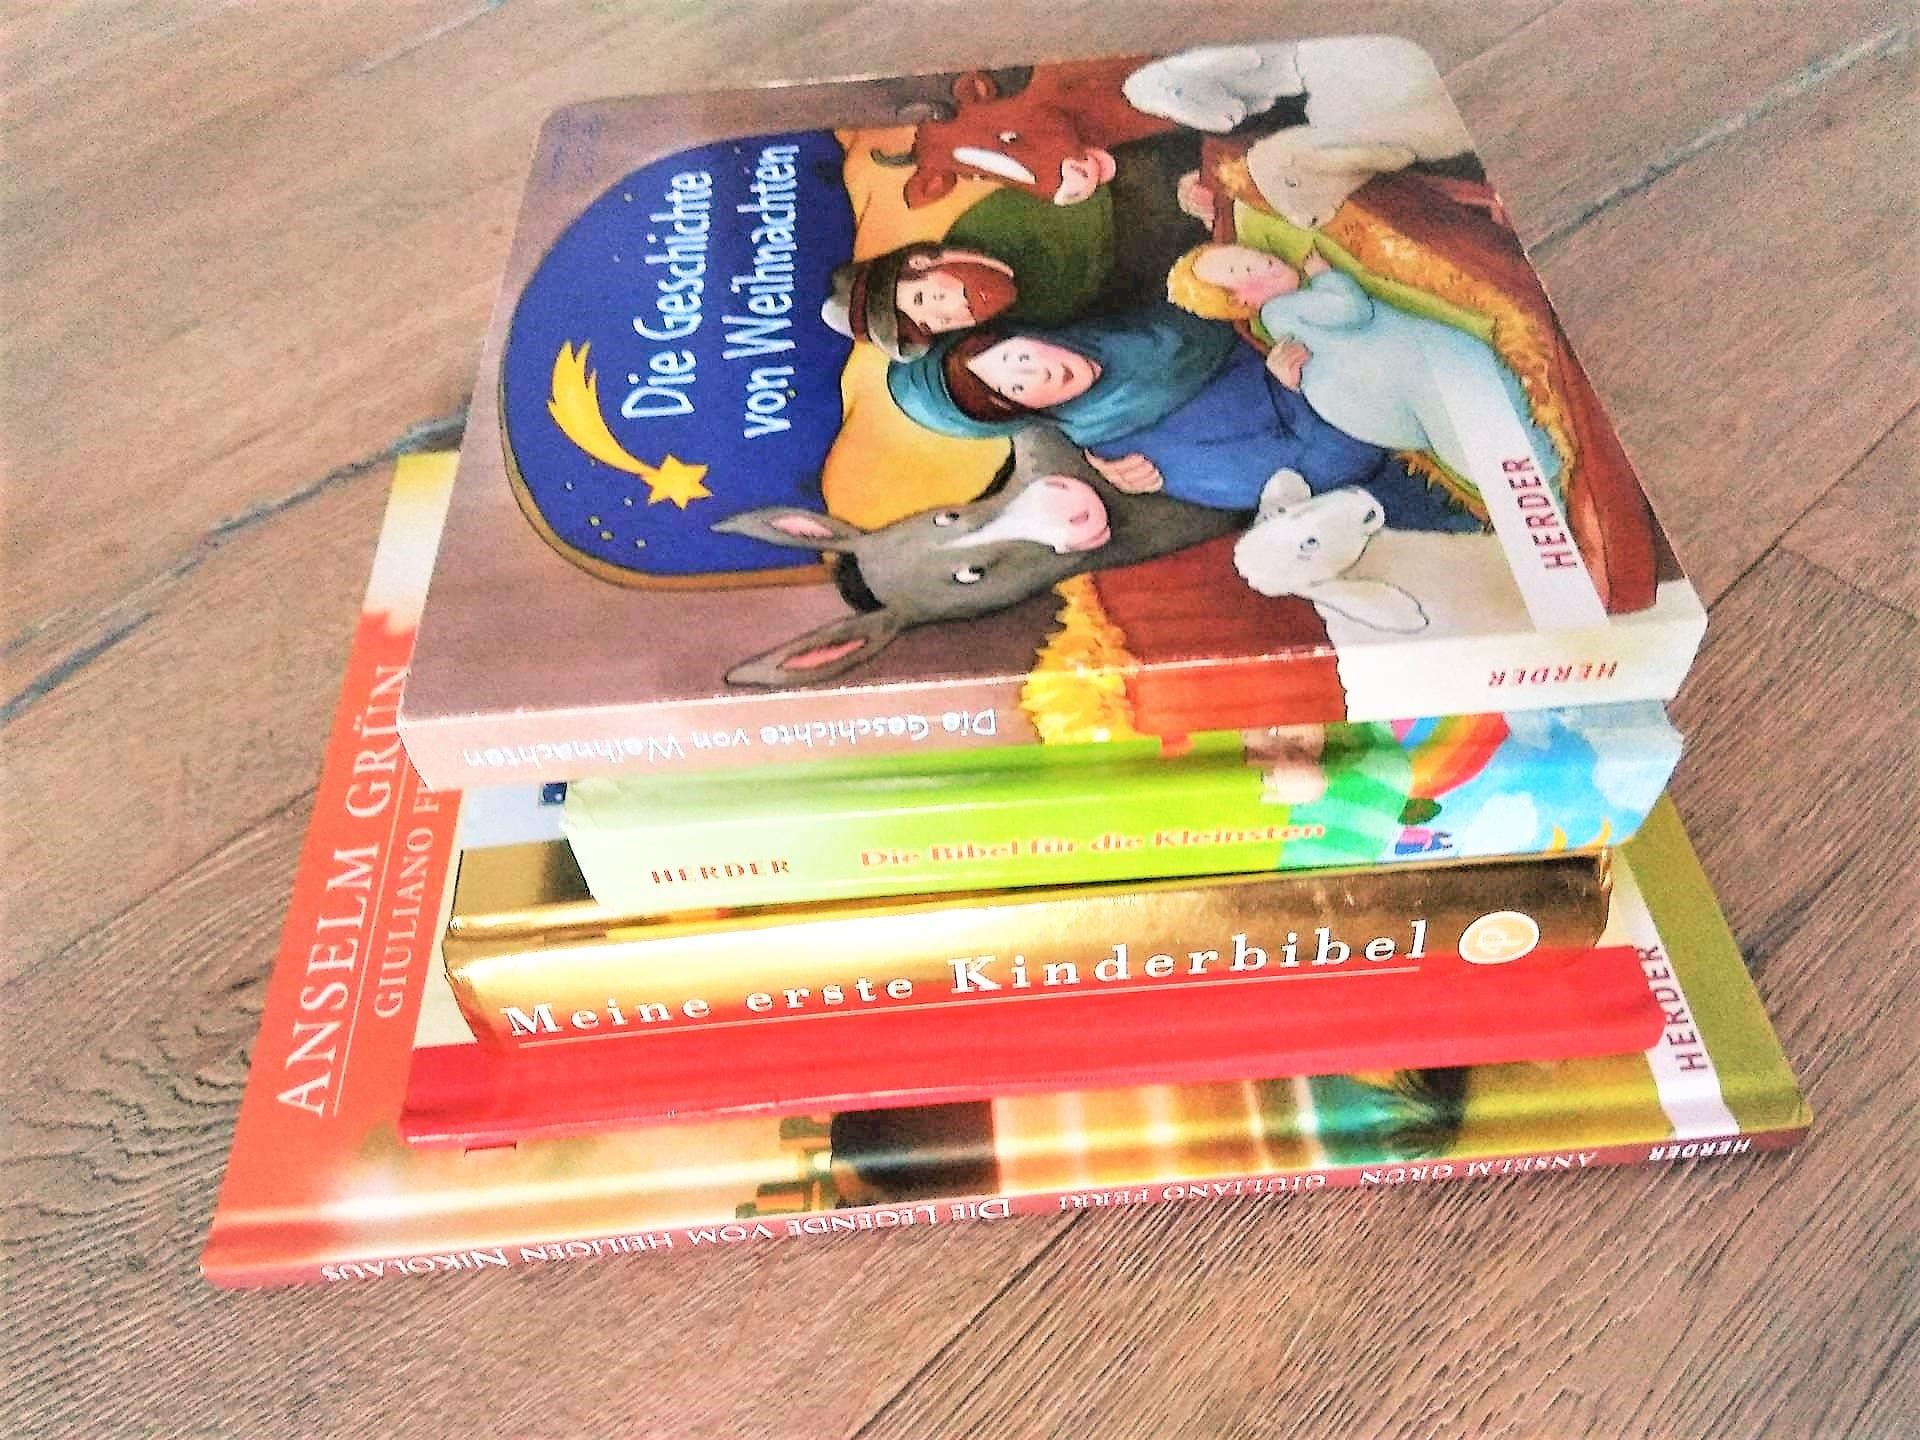 Weihnachtsbücher, Weihnachtsgeschichte, Bibel, Kinderbibel, Buchtipp, Kinderbücher, Anselm Grün, Herder Verlag, Puddingklecks, Mamablog